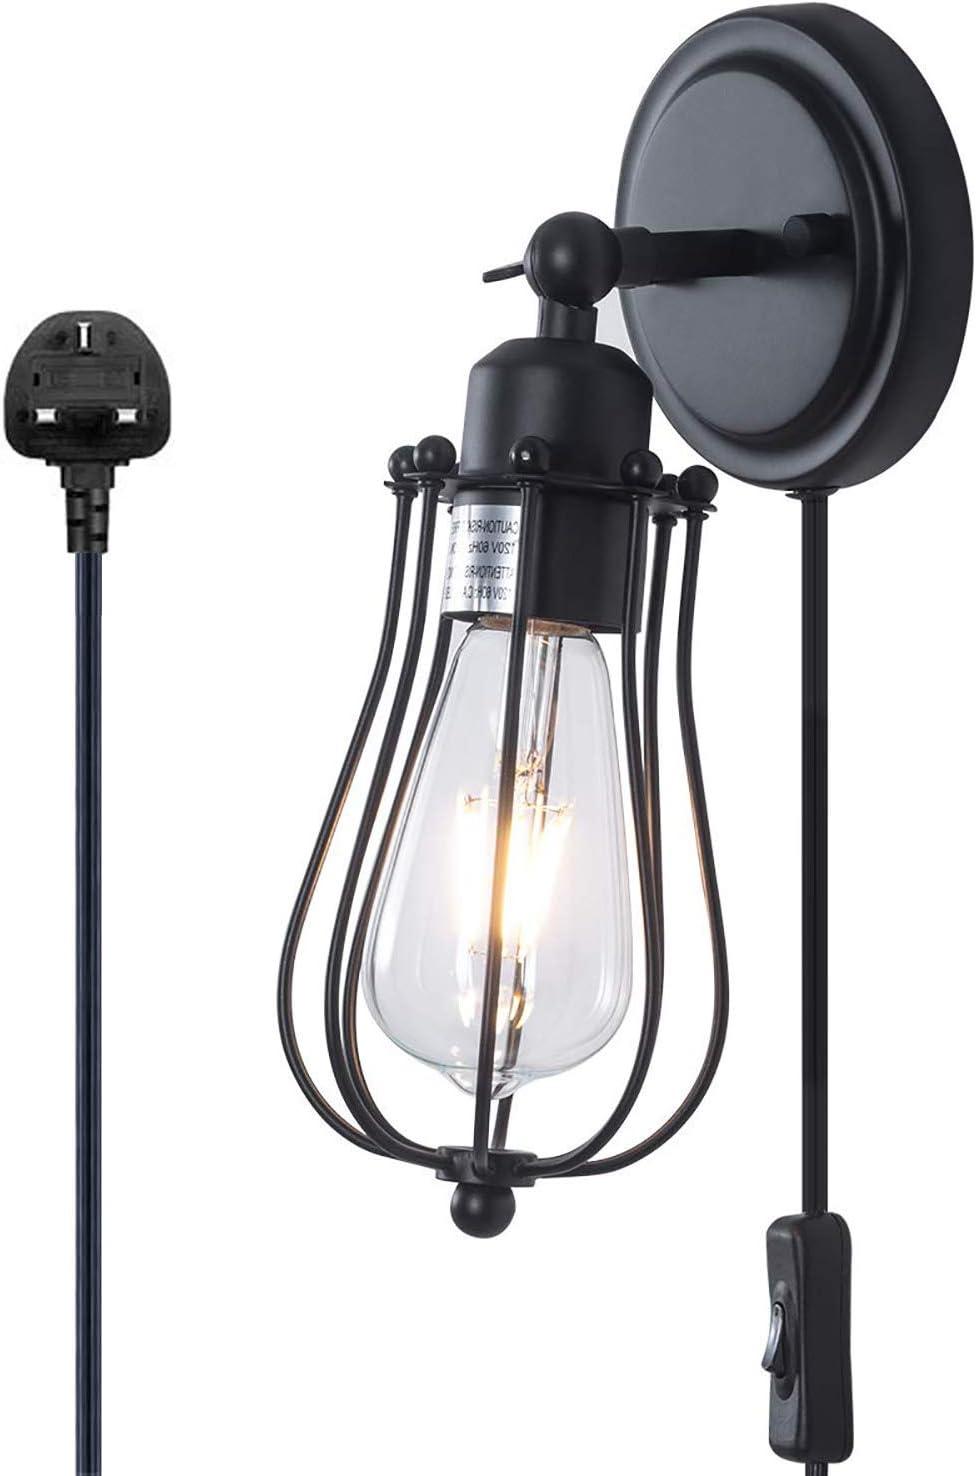 Lámpara de pared de jaula de alambre industrial Lámpara de pared de estilo vintage con cable de interruptor de encendido / apagado ajustable de 6 pies, negro rústico 1 luz E27 Base de iluminación de p